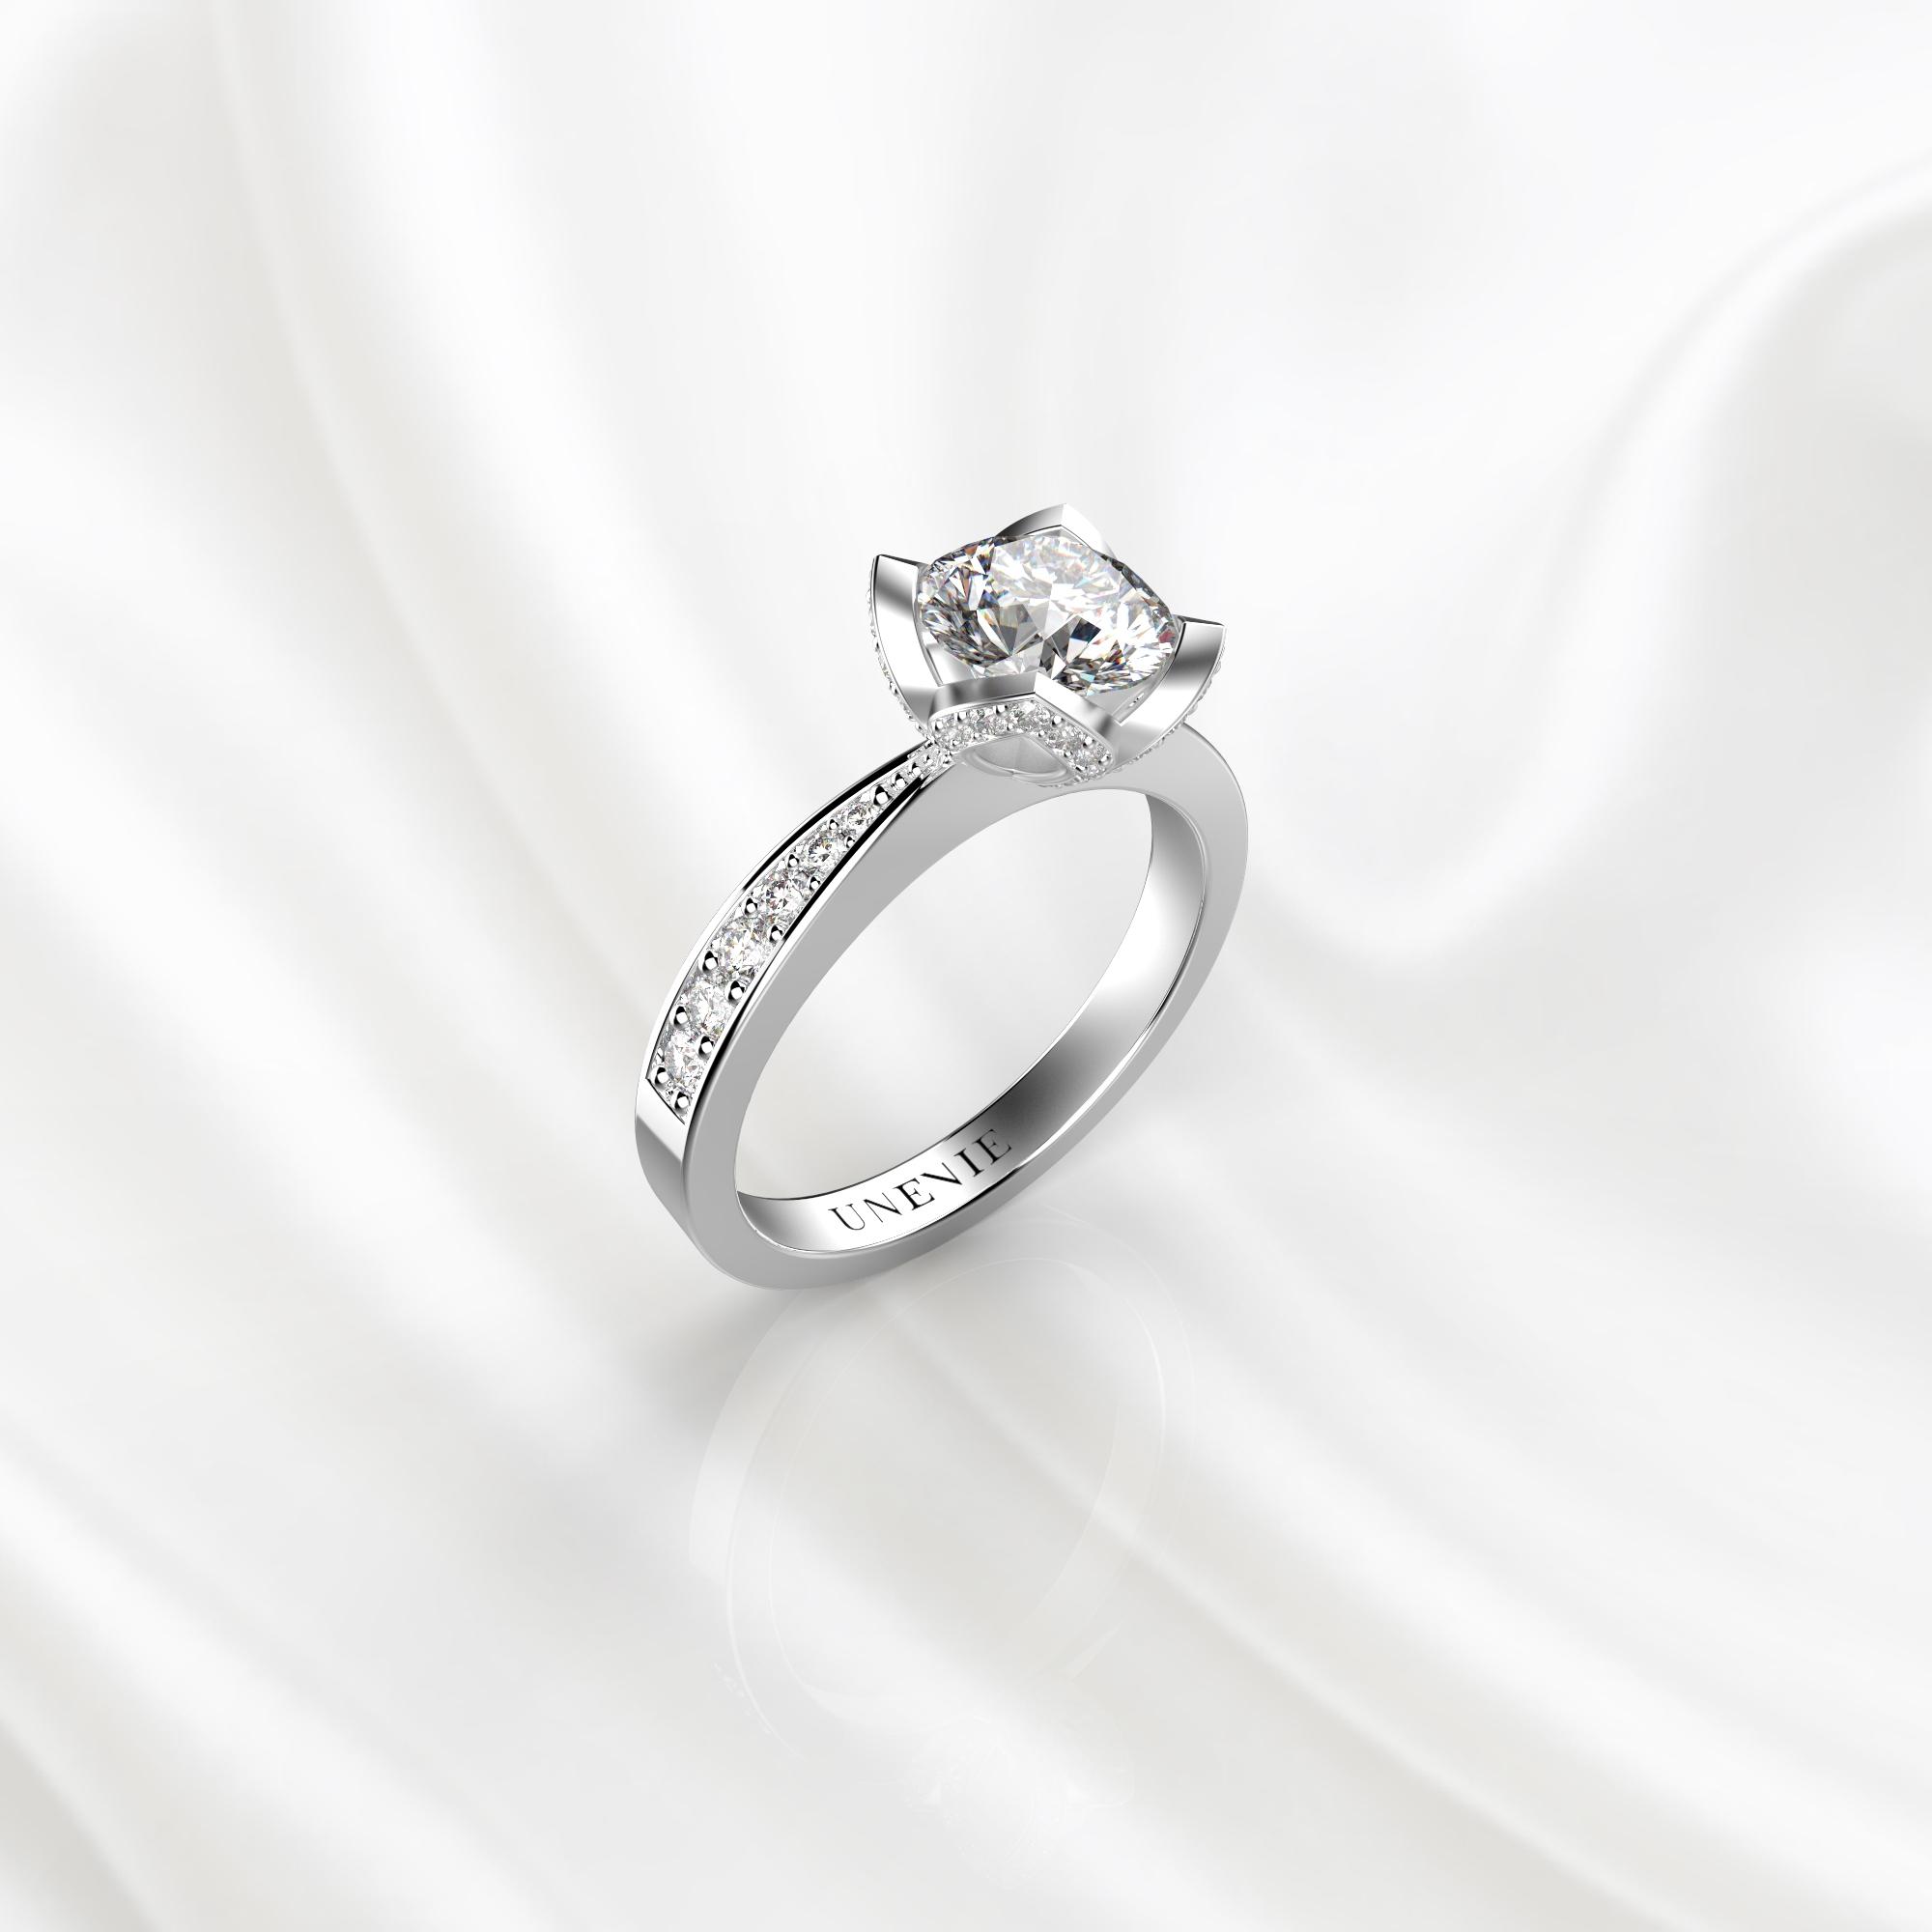 N21 Помолвочное кольцо из белого золота с бриллиантом 0.3 карат